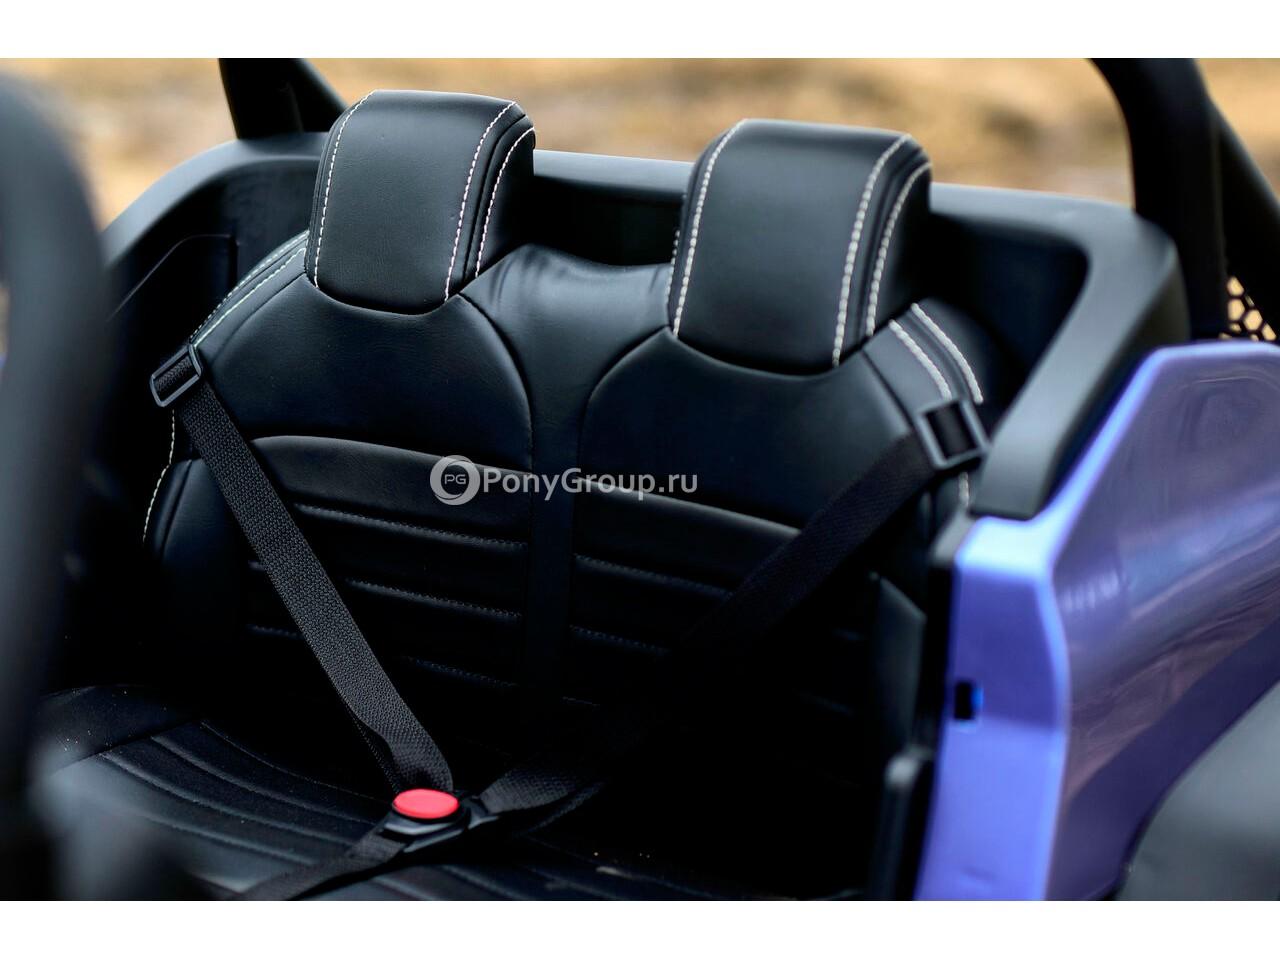 Детский электромобиль Mercedes-Benz Unimog 2011 Concept 4x4 двухместный, полноприводный 4WD с ...